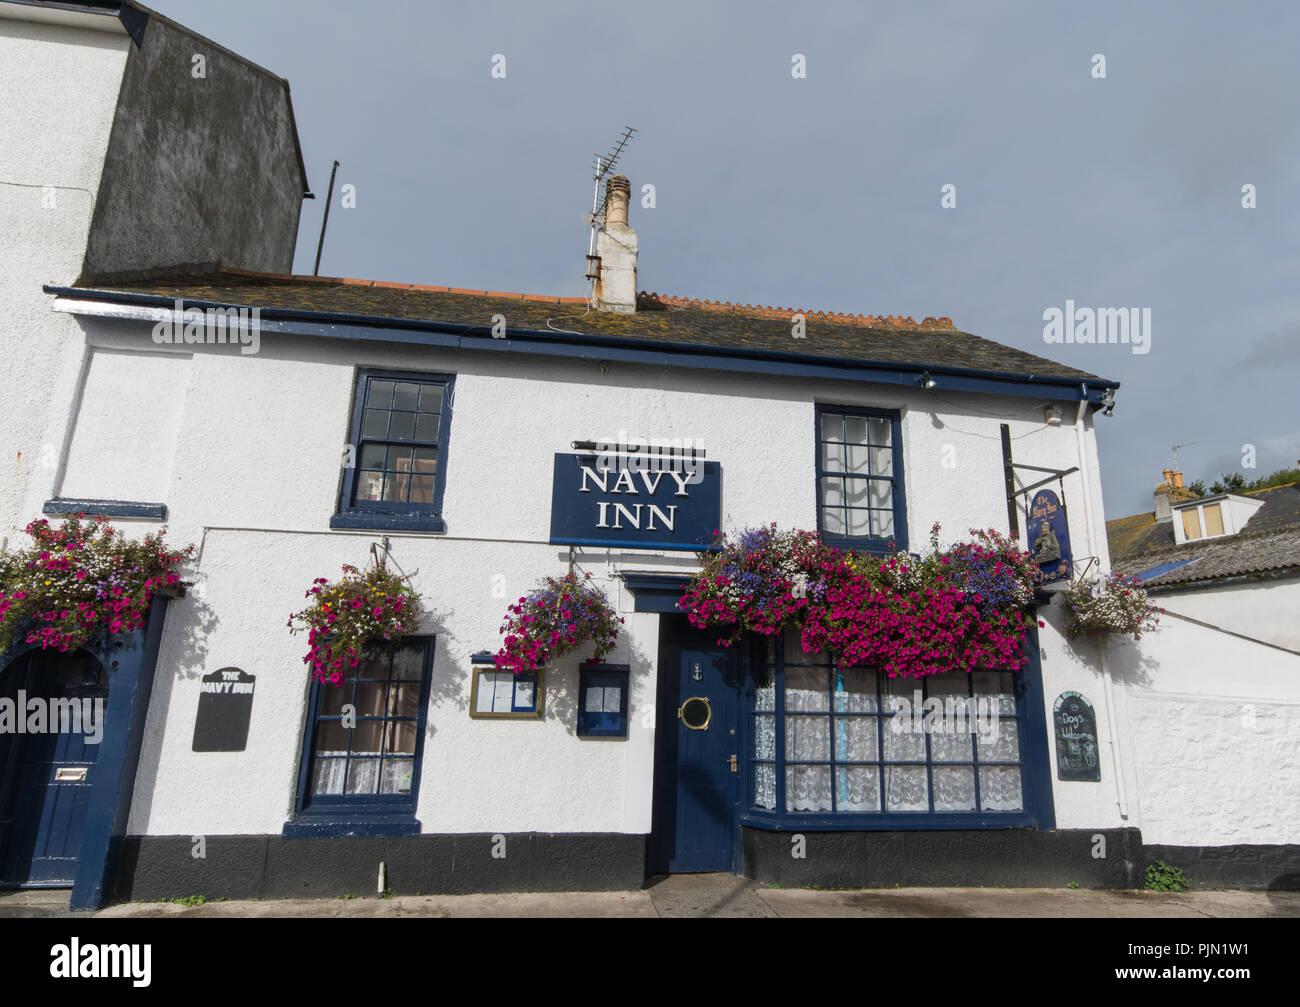 The Navy Inn in penance - Stock Image